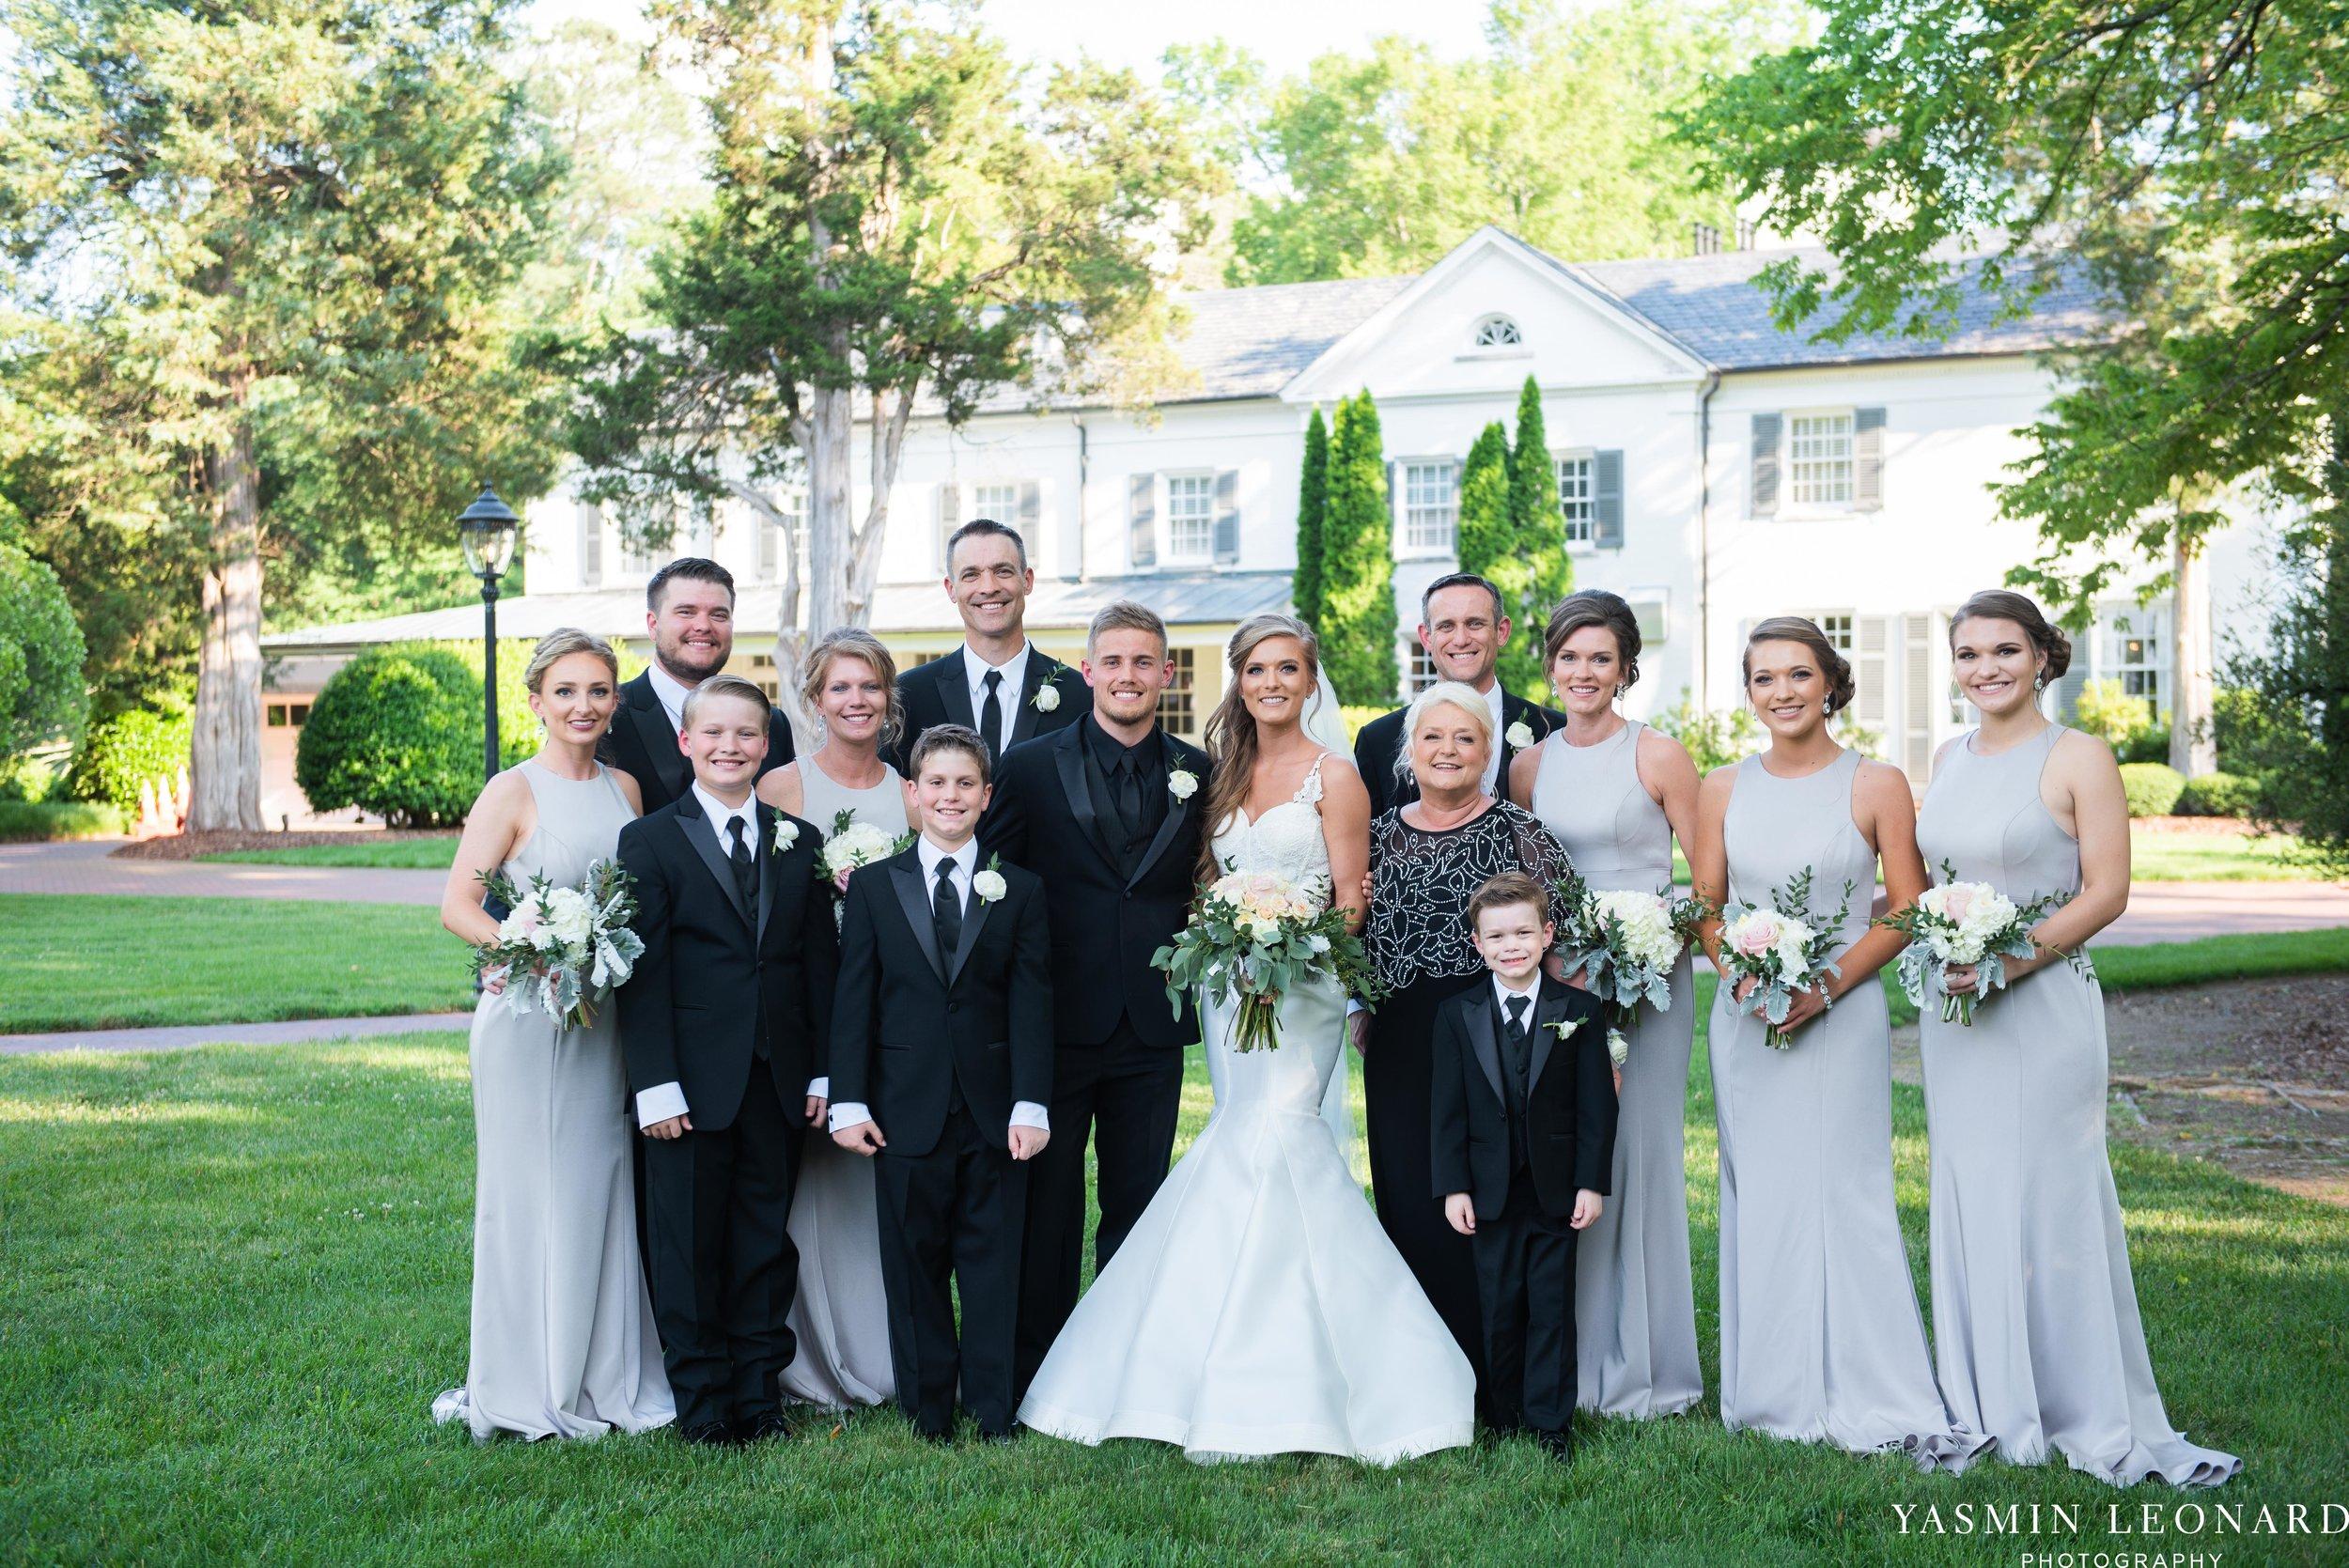 Boxwood Estate - Boxwood Estate Wedding - Luxury Wedding - Black and White Wedding - NC Wedding Venues - NC Weddings - NC Photographer - Lantern Release Grand Exit - Large Wedding Party - Yasmin Leonard Photography-32.jpg